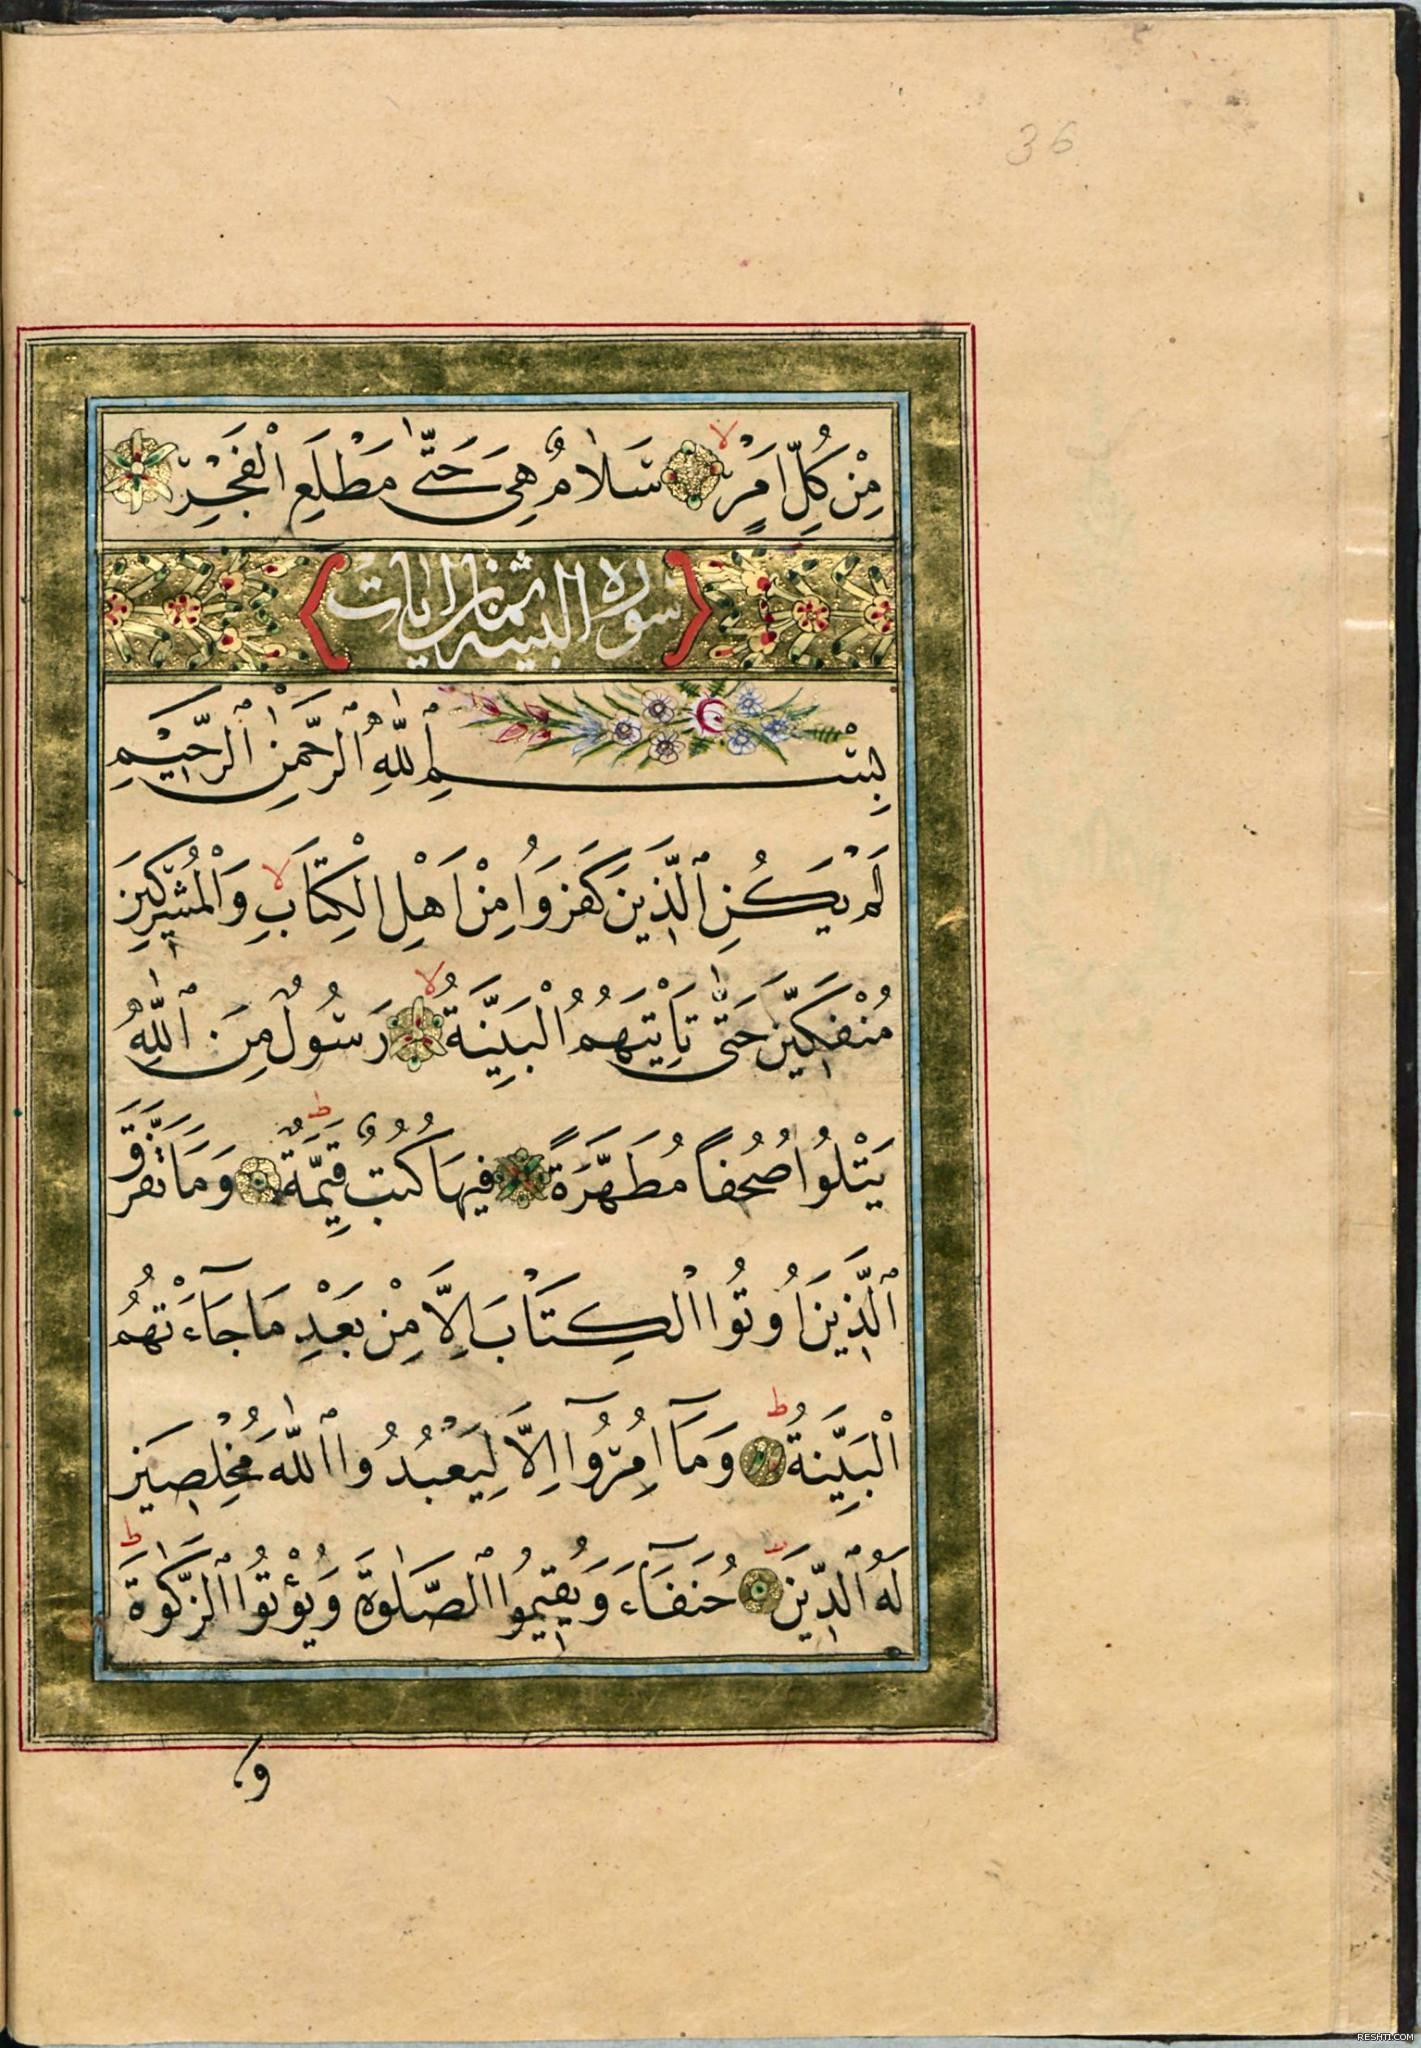 جزء عم لخطاط الحرم النبوي السيد عبد الله الزهدي التميمي 6